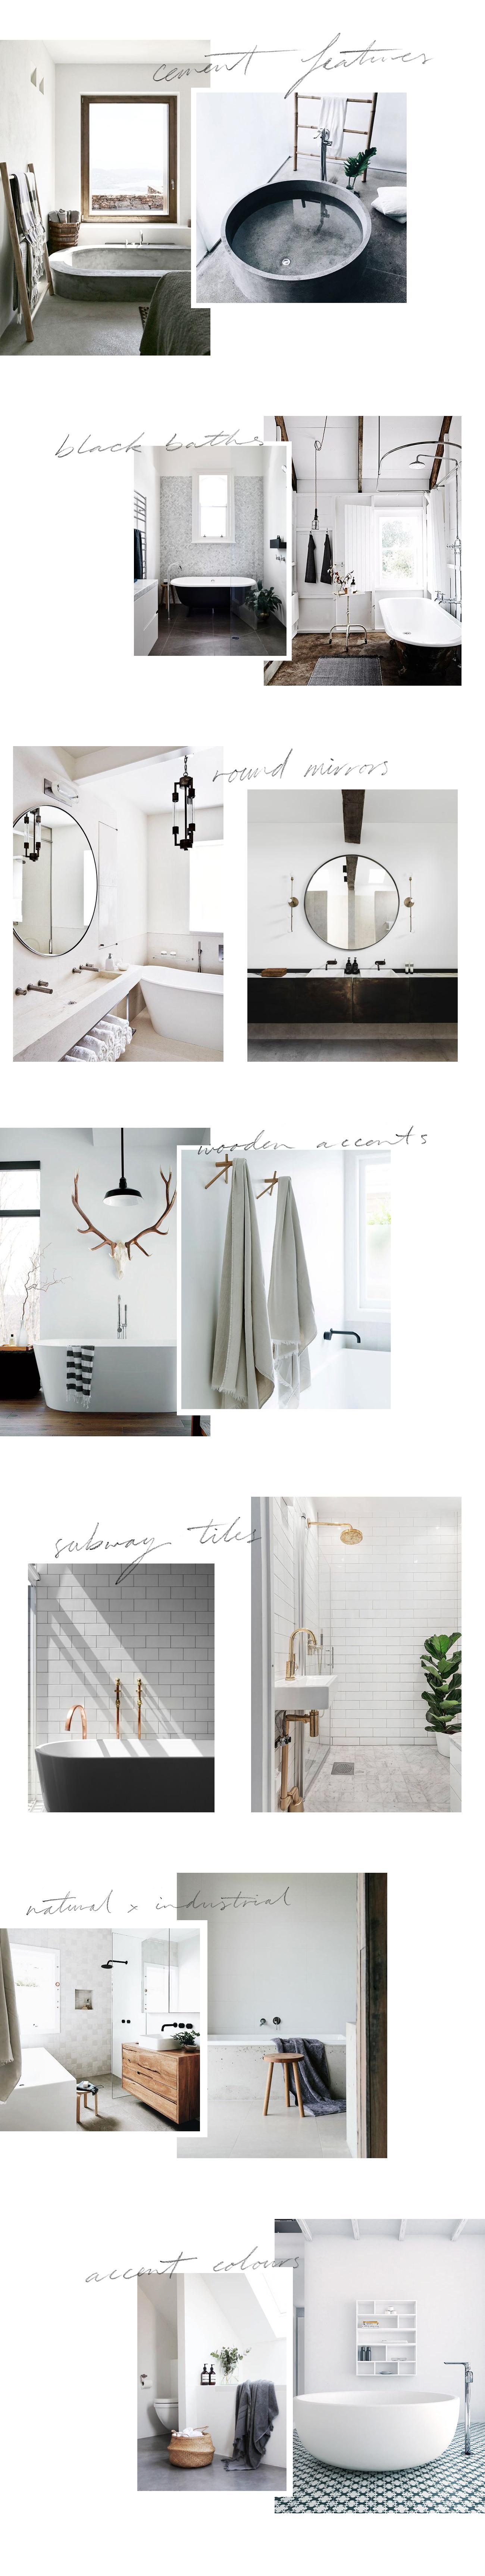 Bathroom_tends_images.jpg